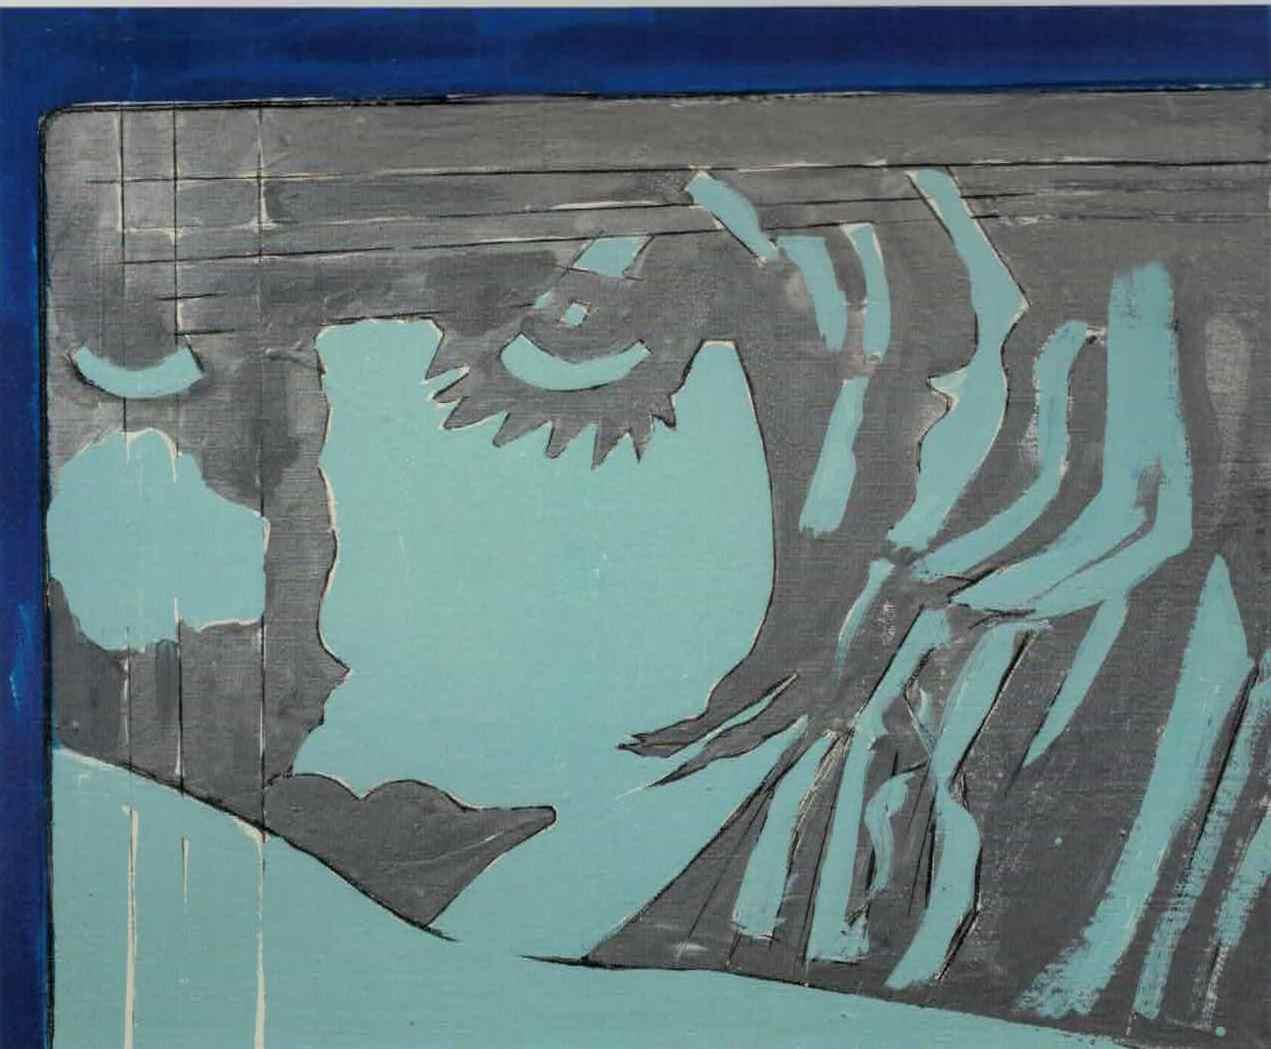 Giosetta Fioroni, Ritorno Liberty, 1968